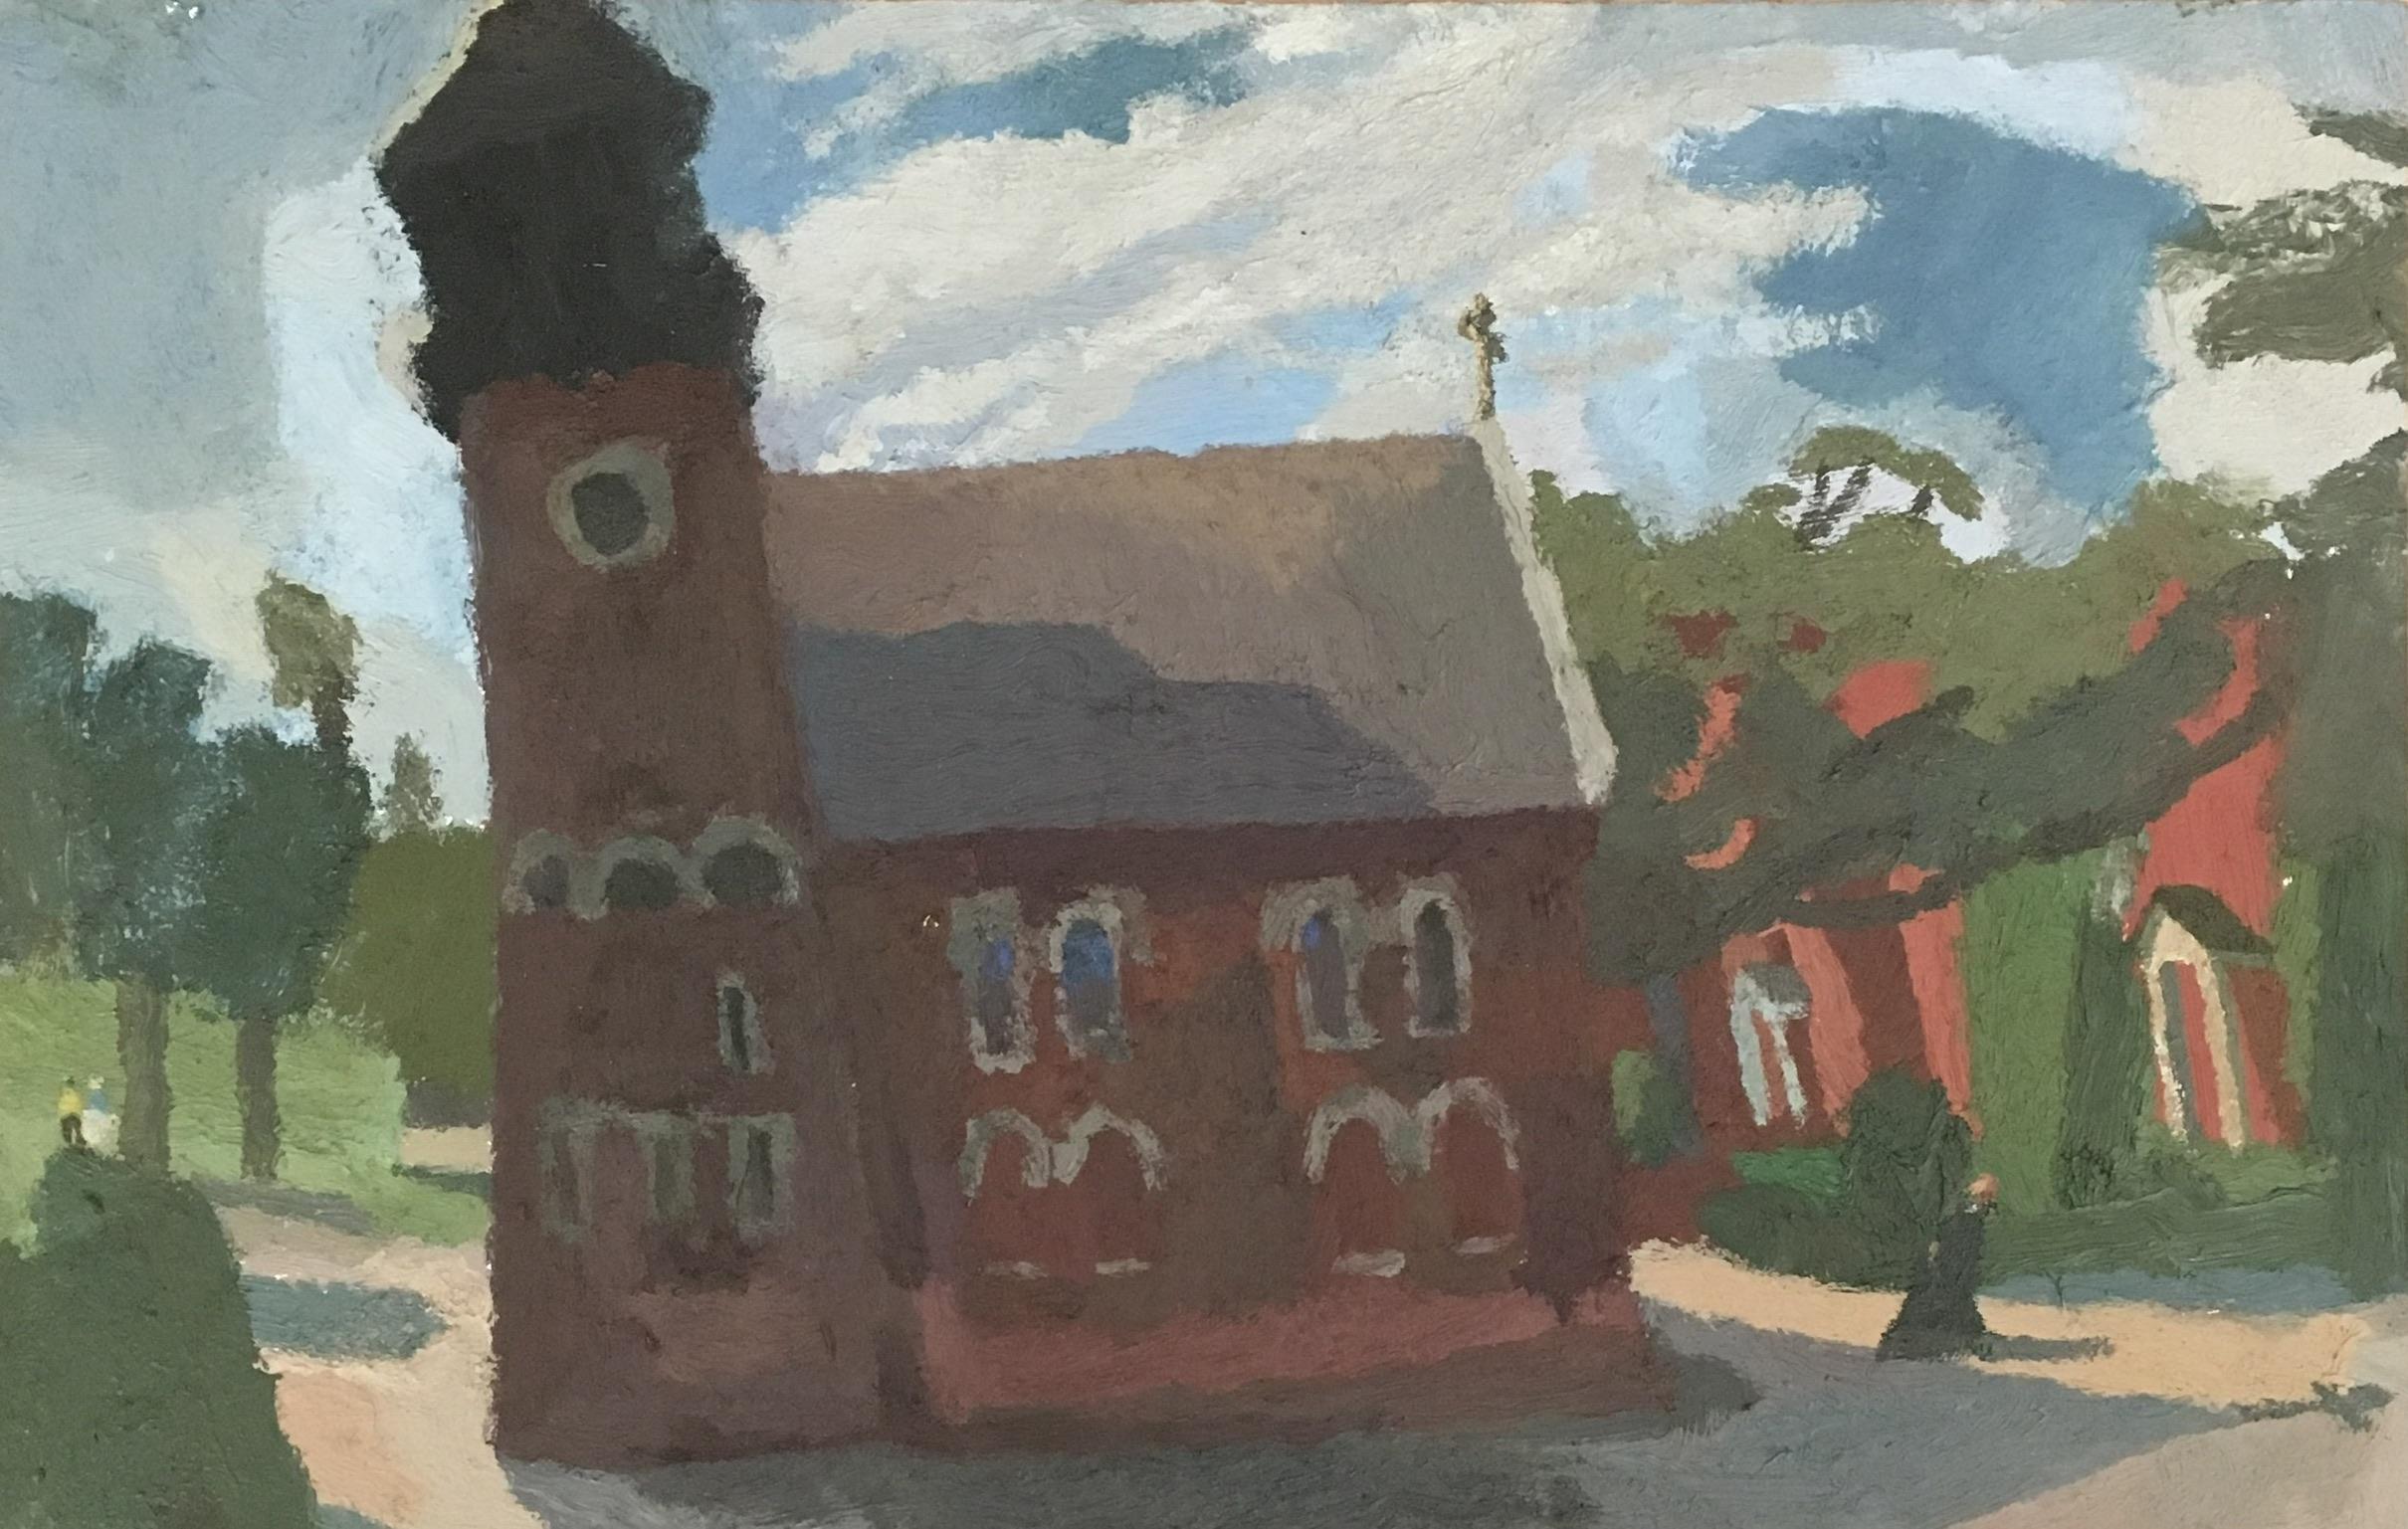 William Enston Church